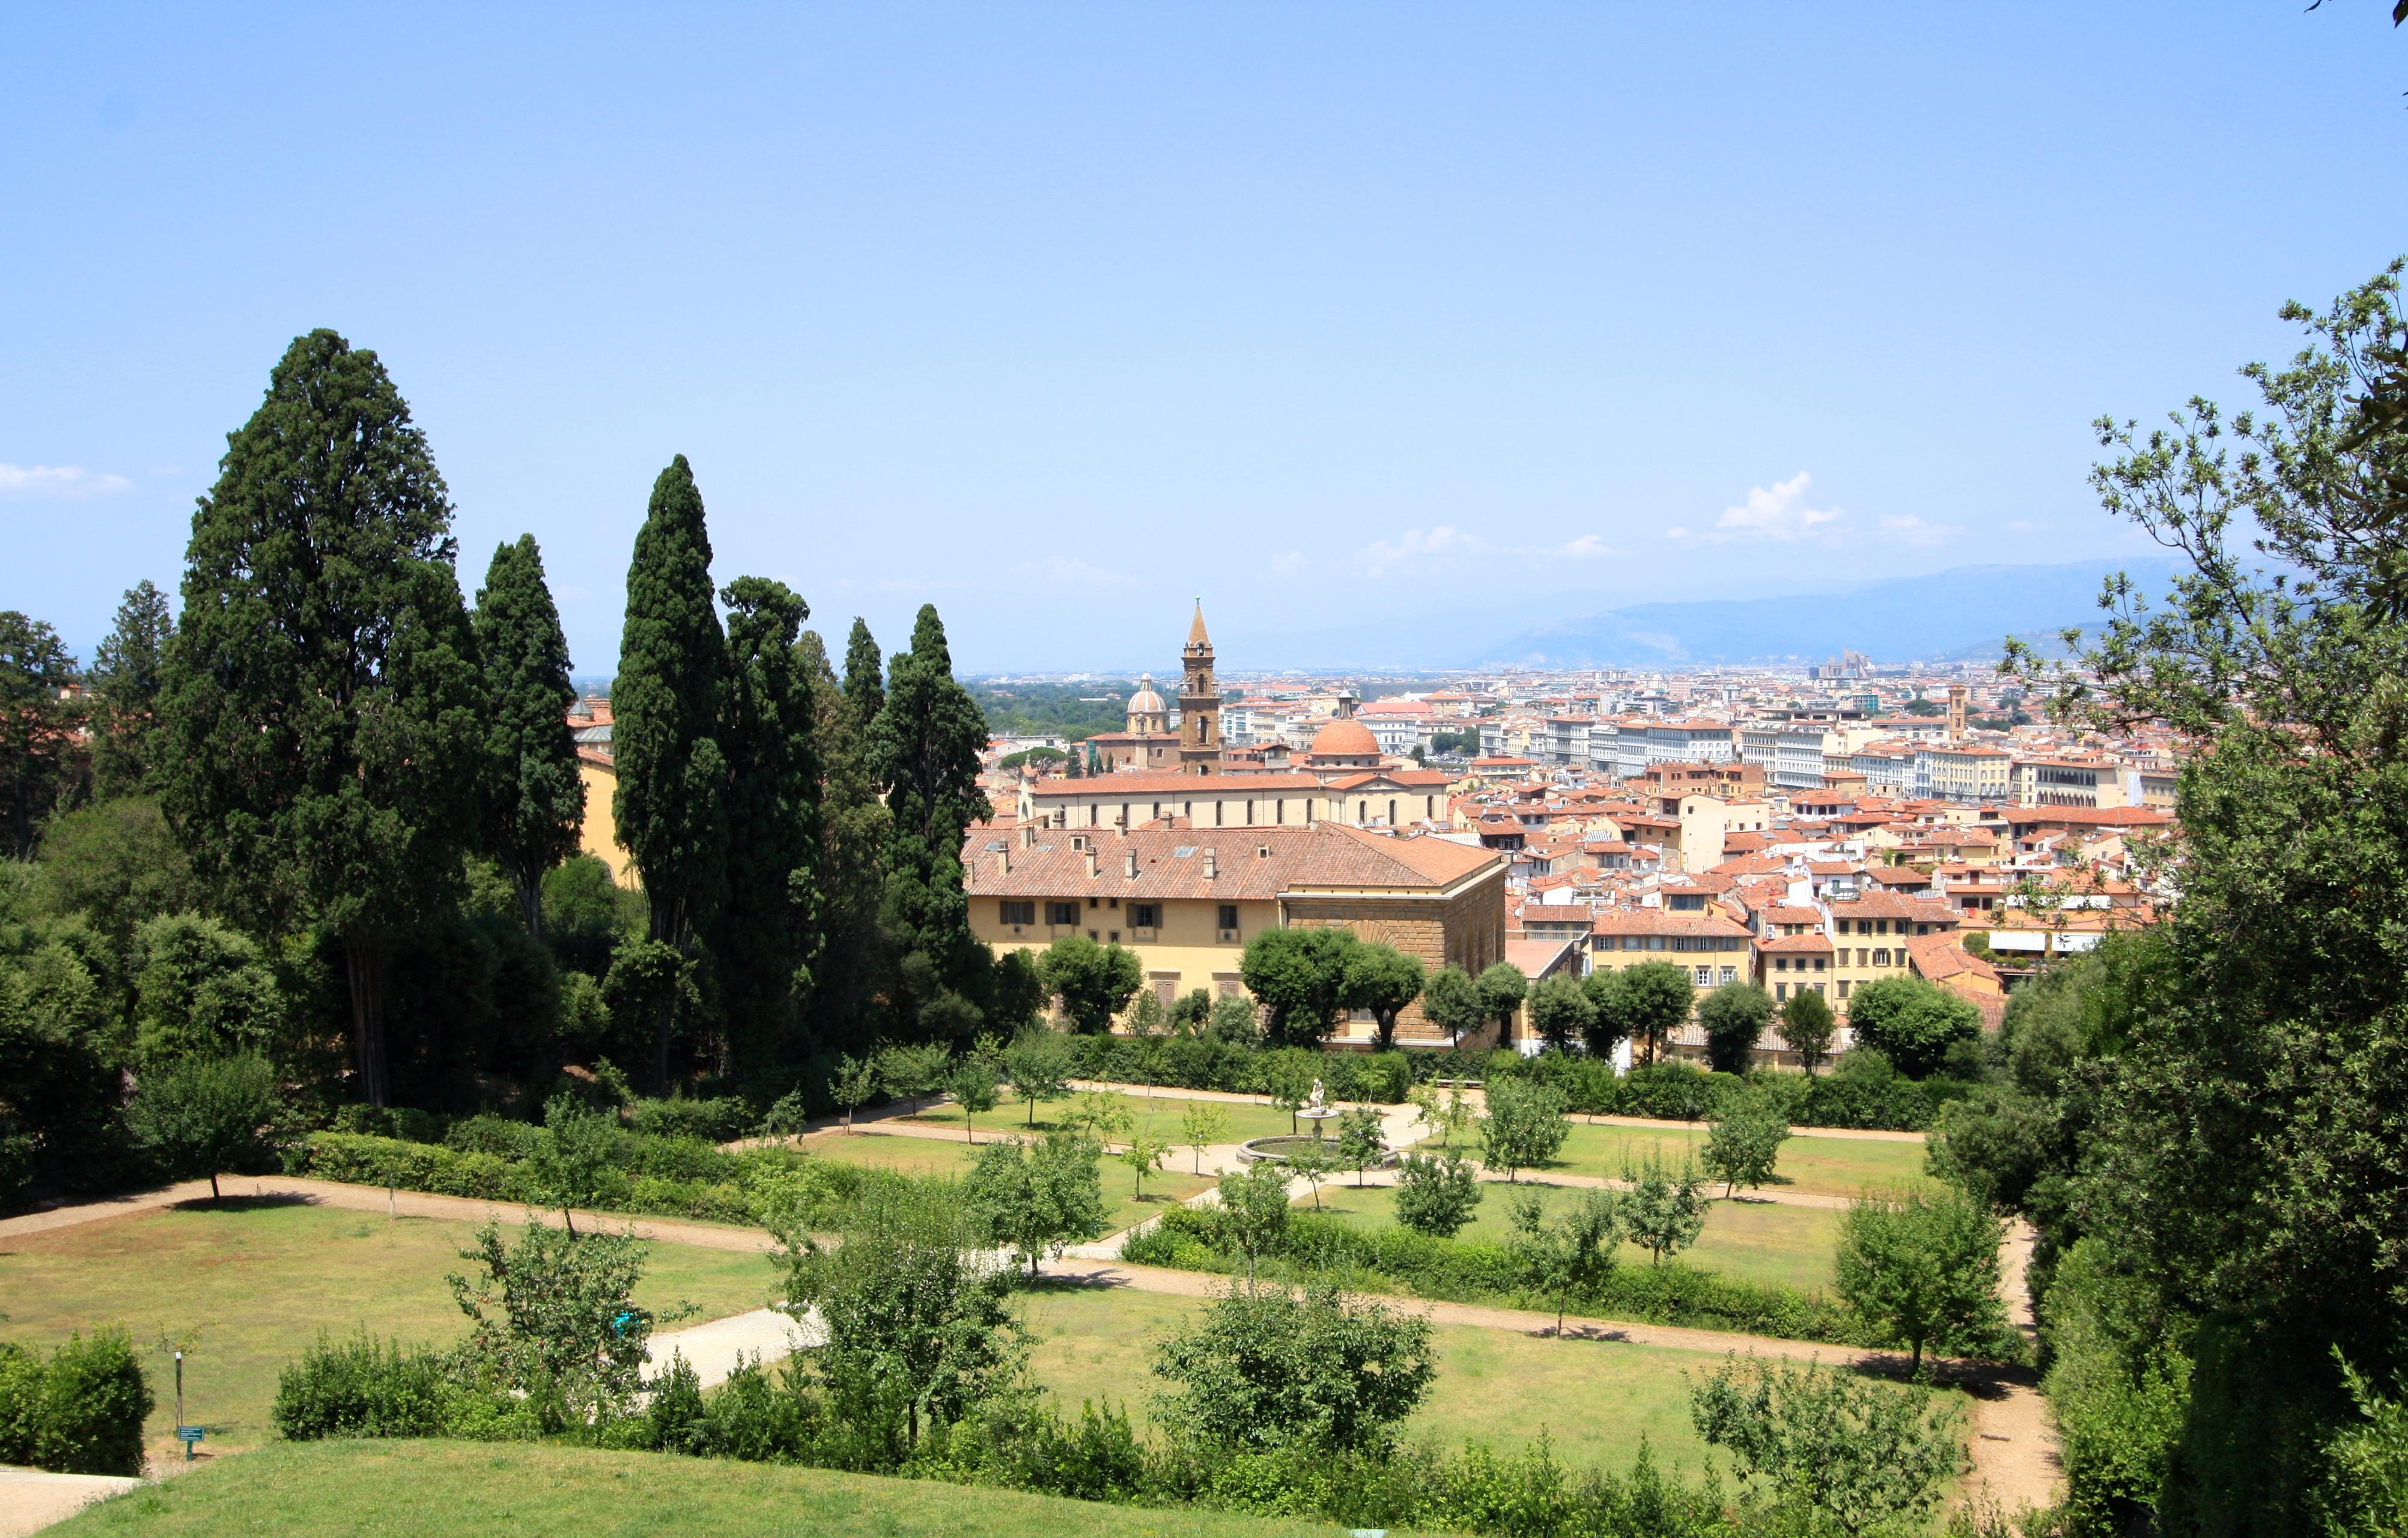 Il Giardino di Boboli Florence – The Frustrated Gardener